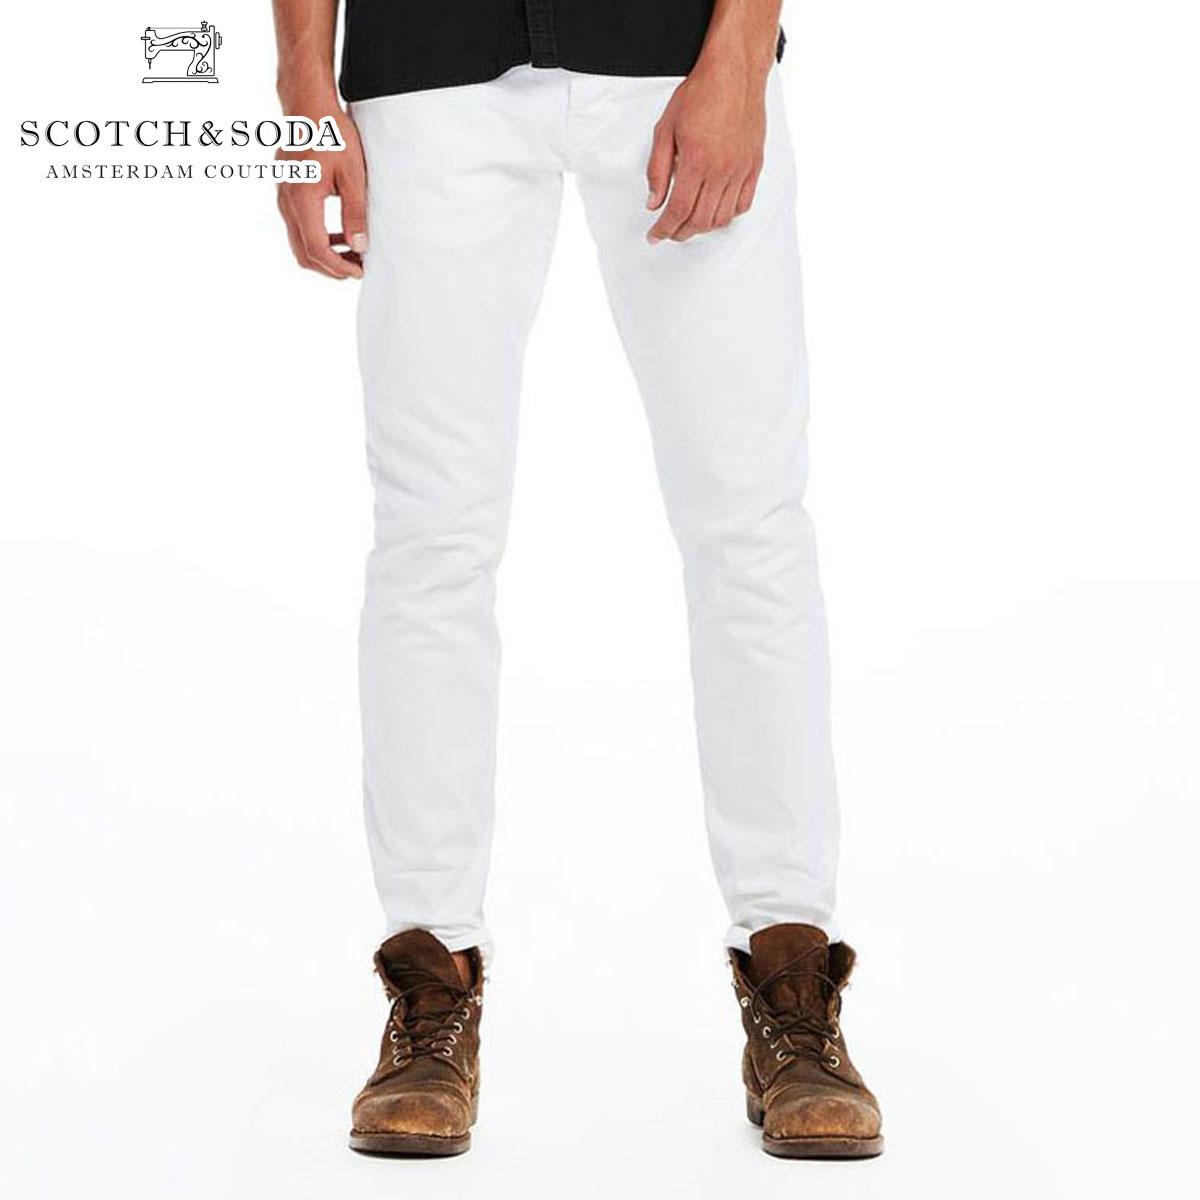 スコッチアンドソーダ SCOTCH&SODA 正規販売店 メンズ ジーンズ RALSTON GARMENT DYED COLOURS DENIM PANTS 135058 00 WHITE